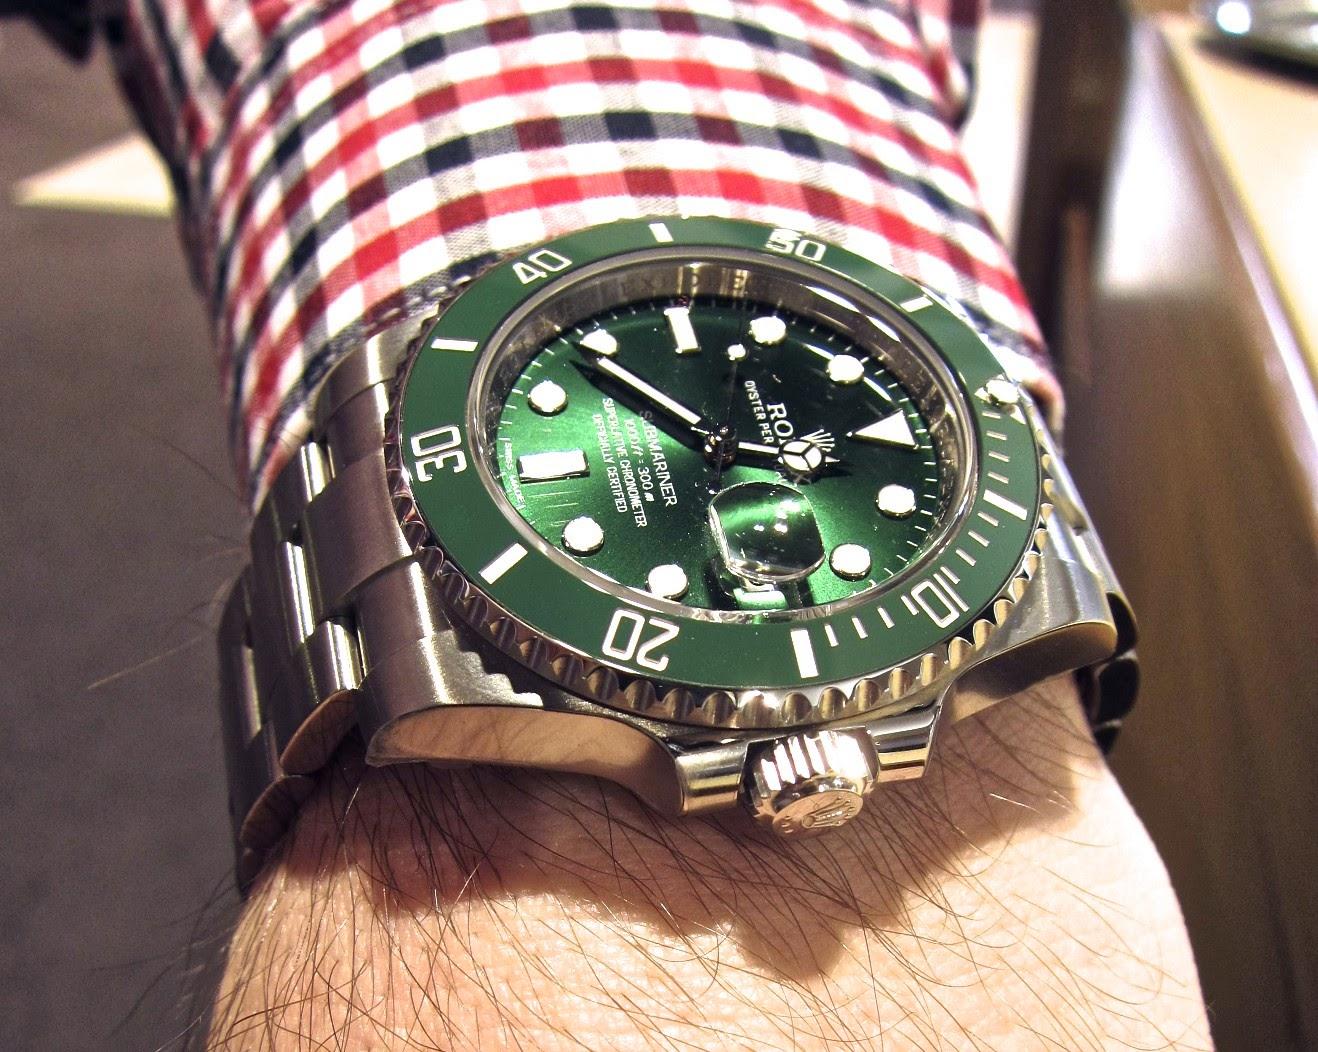 Am Rande Noch Bemerkt Kostet Die Aktuelle Und Vor Allem In Vielen Punkten Verbesserte Rolex Submariner Date 116010LN Mit Dem Wunderbaren Armband Der